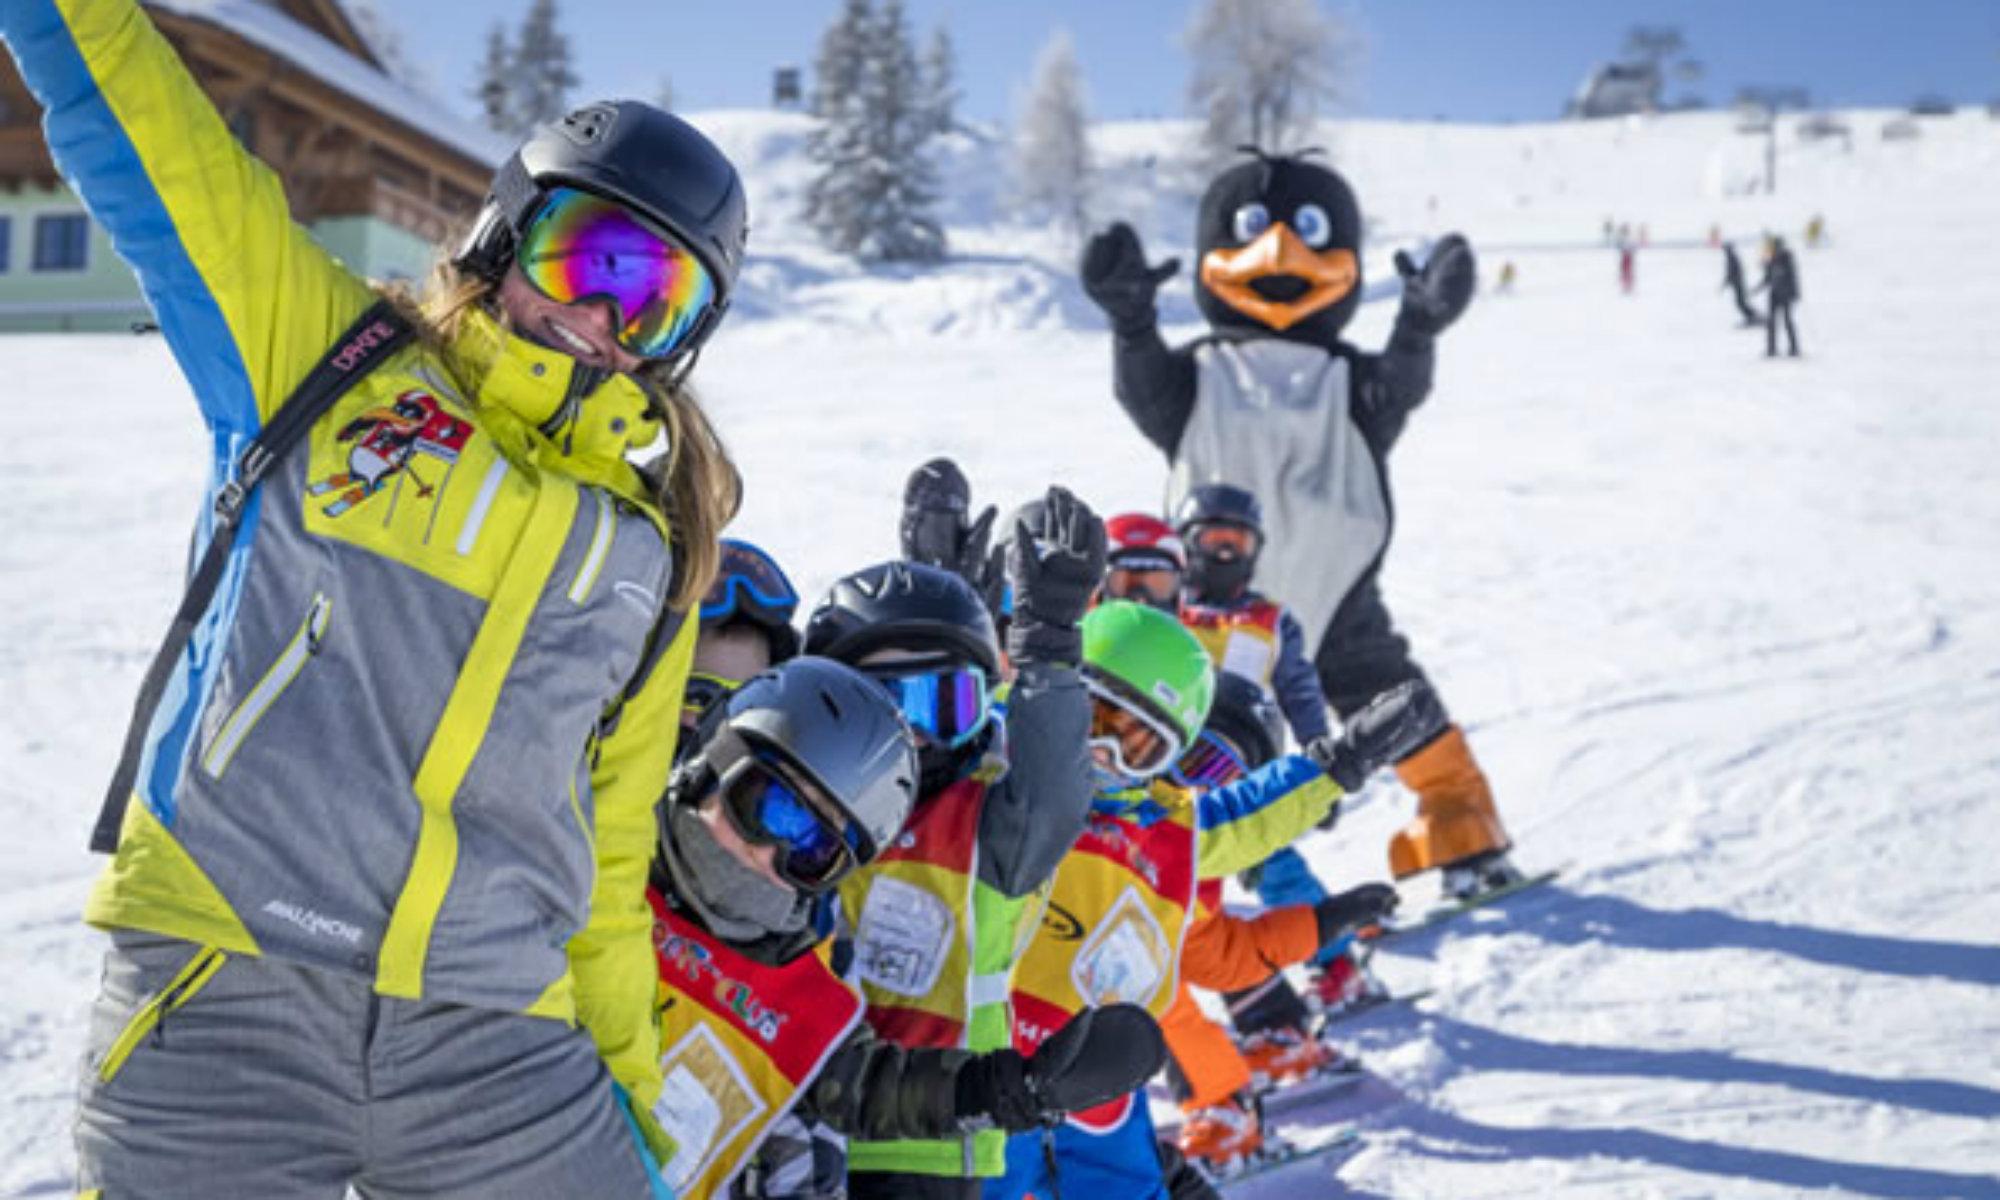 Eine Skilehrerin der Skischule Sport am Jet Flachau, eine Gruppe Kinder und ein Pinguin Maskottchen stehen auf einer sonnigen Piste im Skigebiet Flachau.